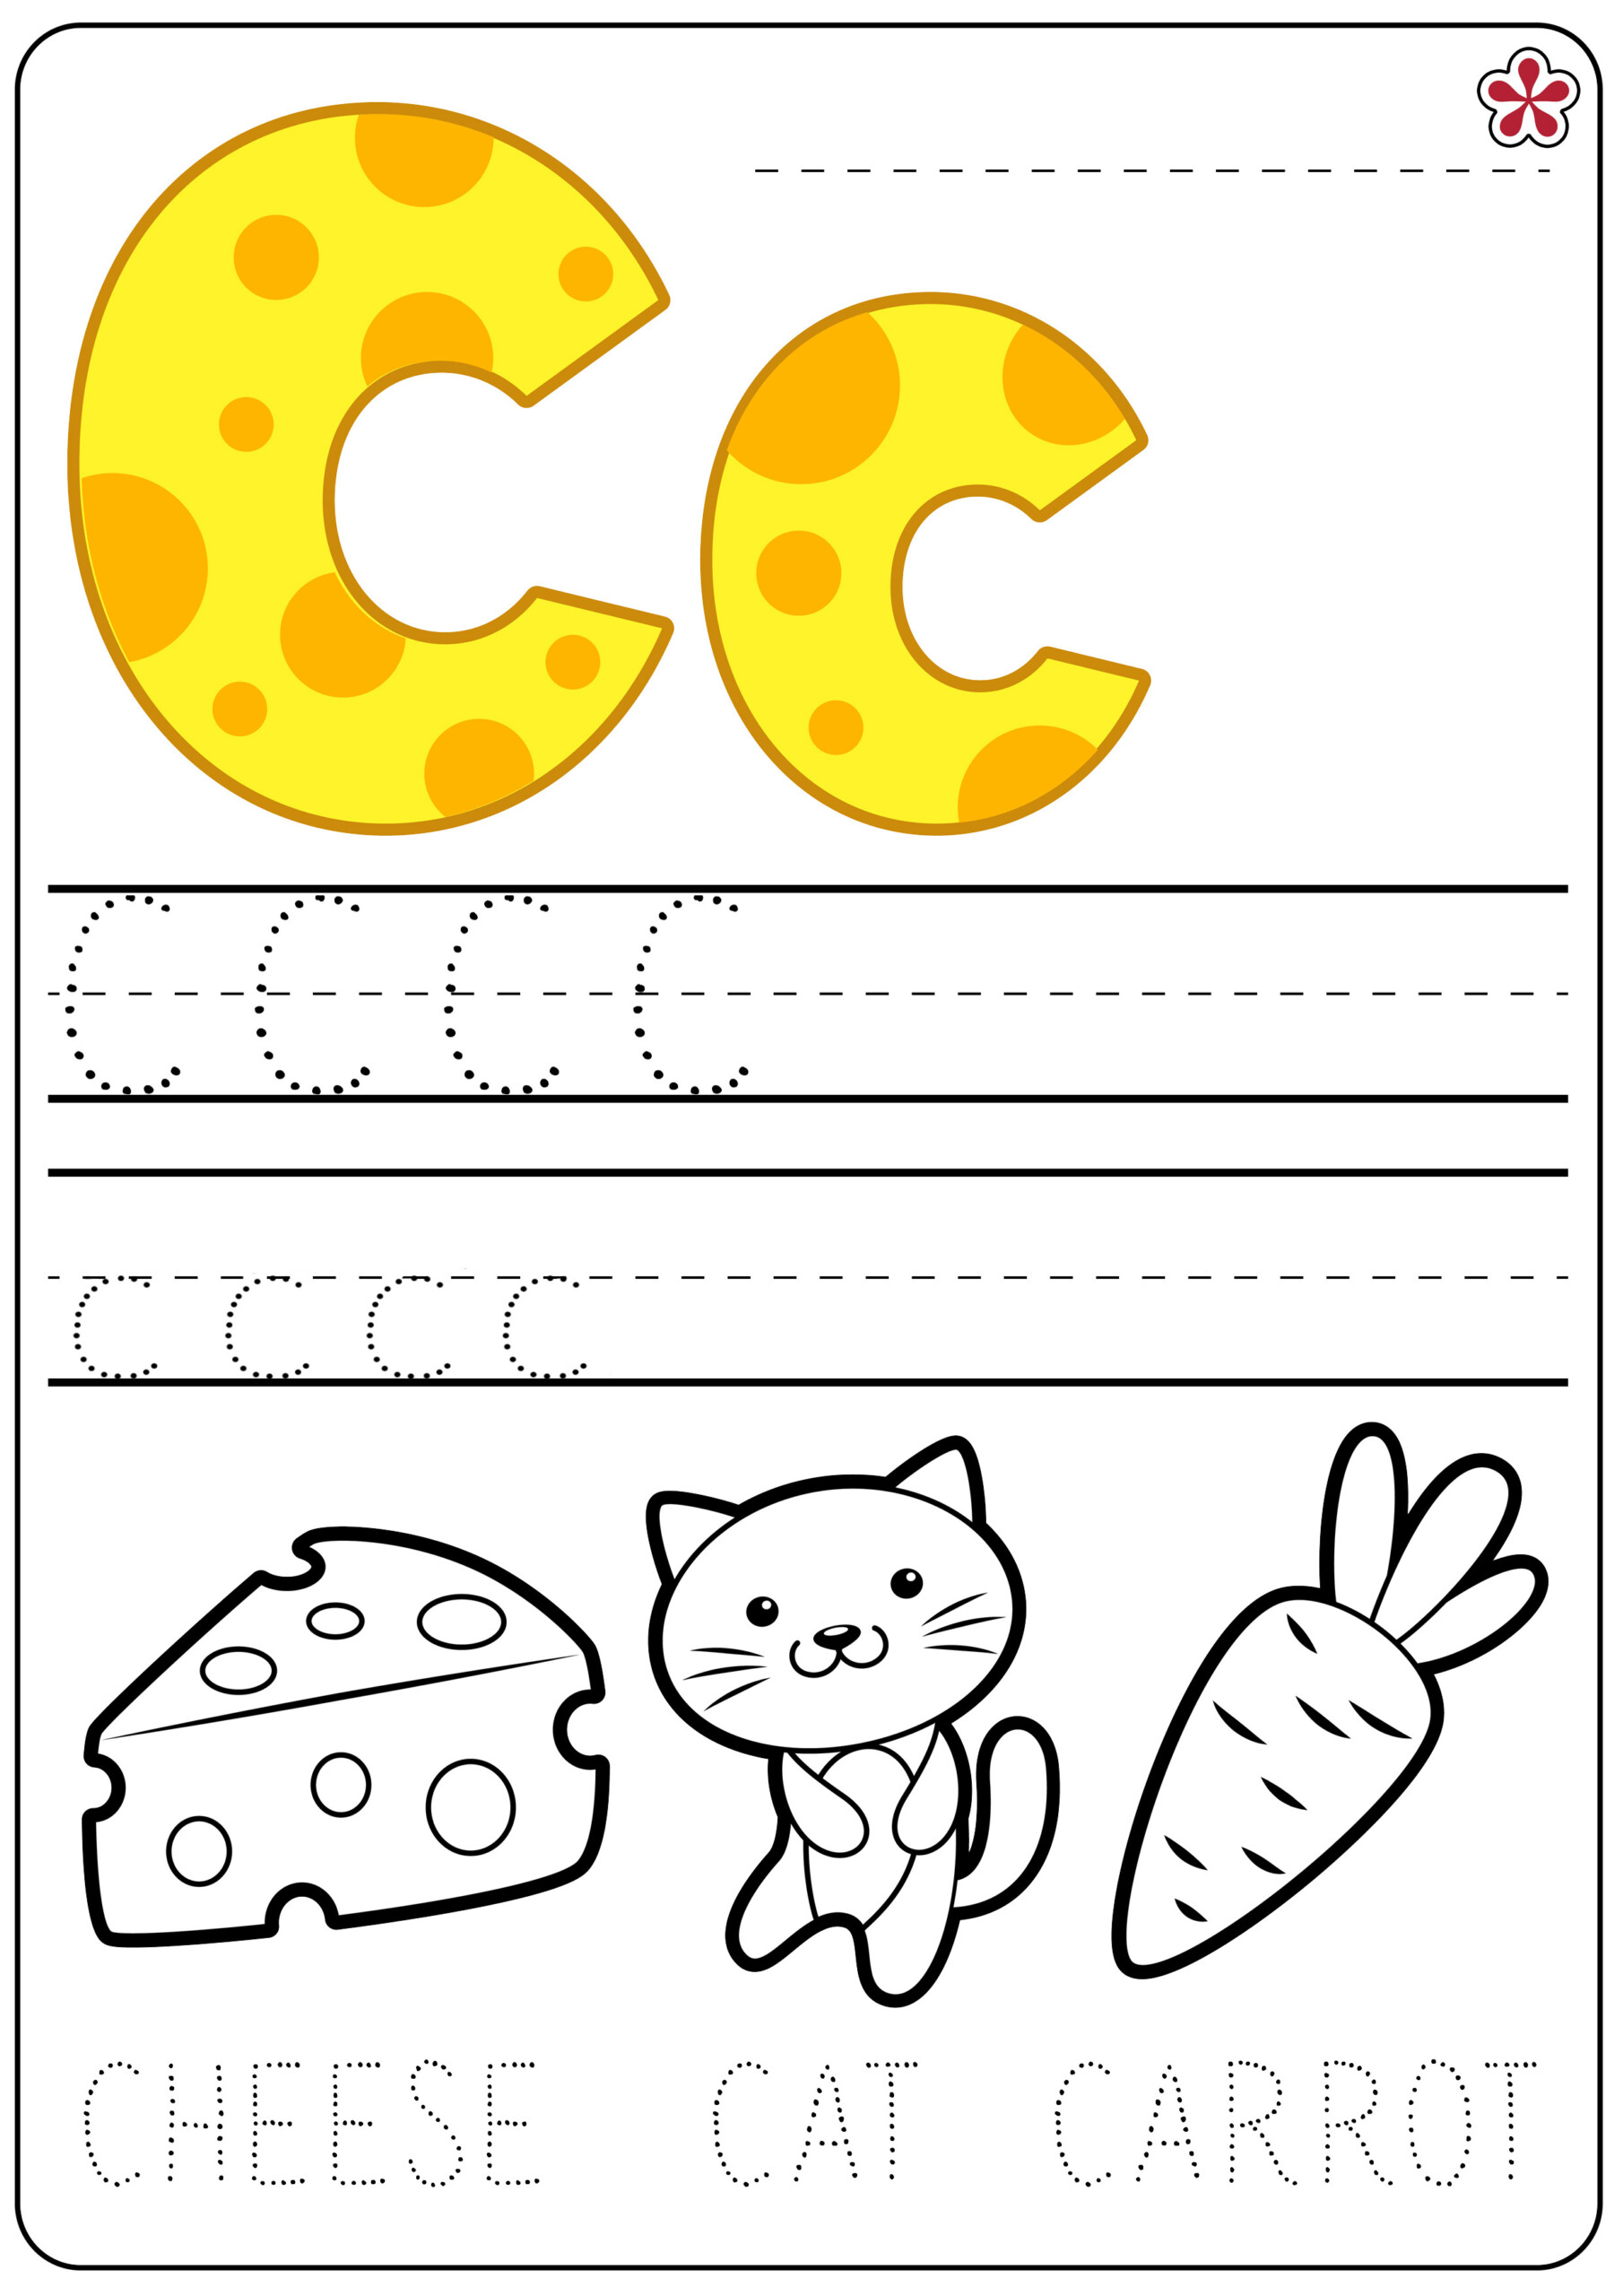 Letter C Worksheets | Teachersmag in Tracing Letter C Worksheets